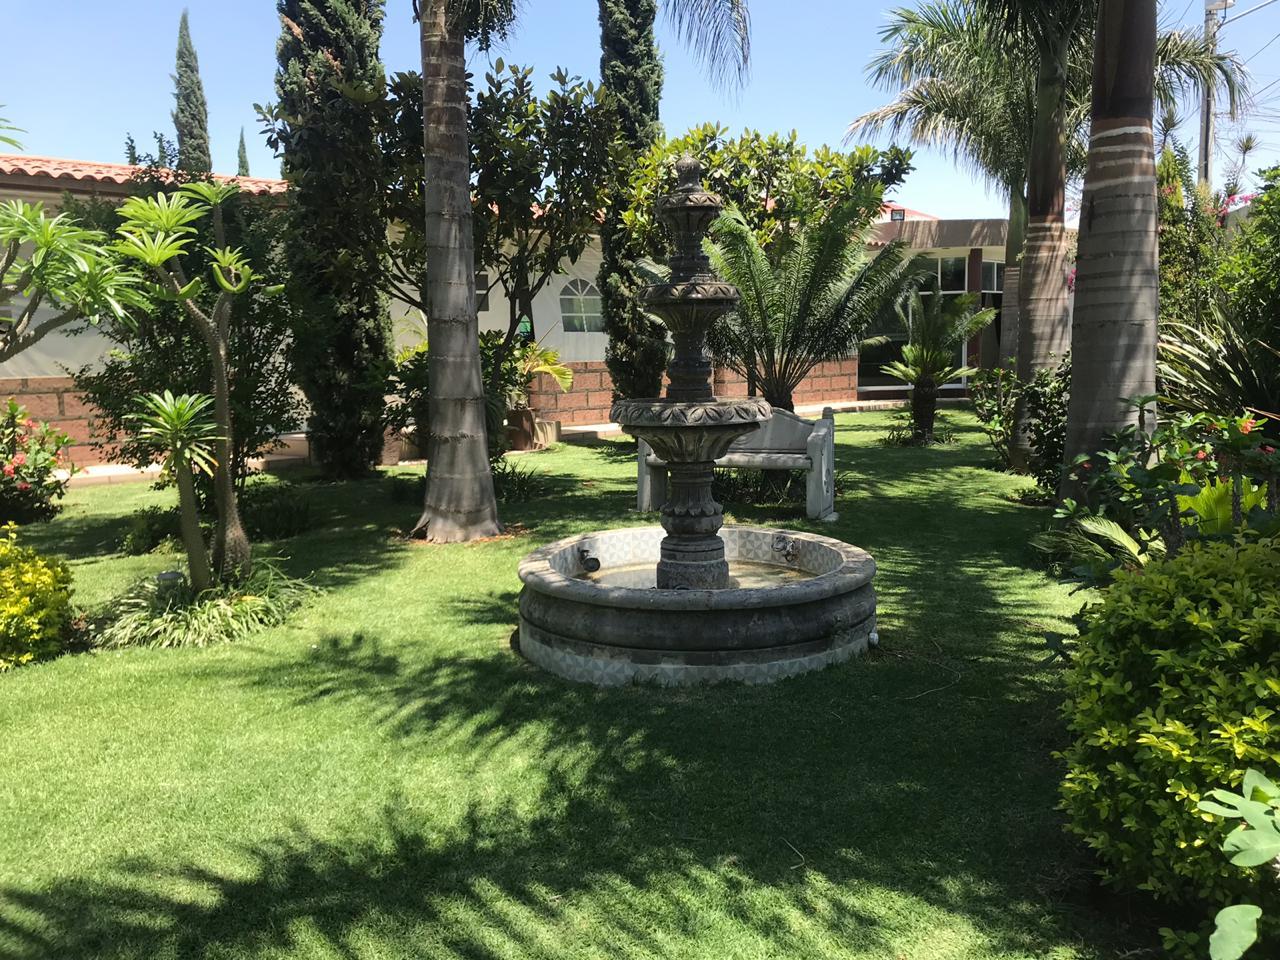 Imagen 3 del espacio La Granja Terraza Jardin en Tonalá, México